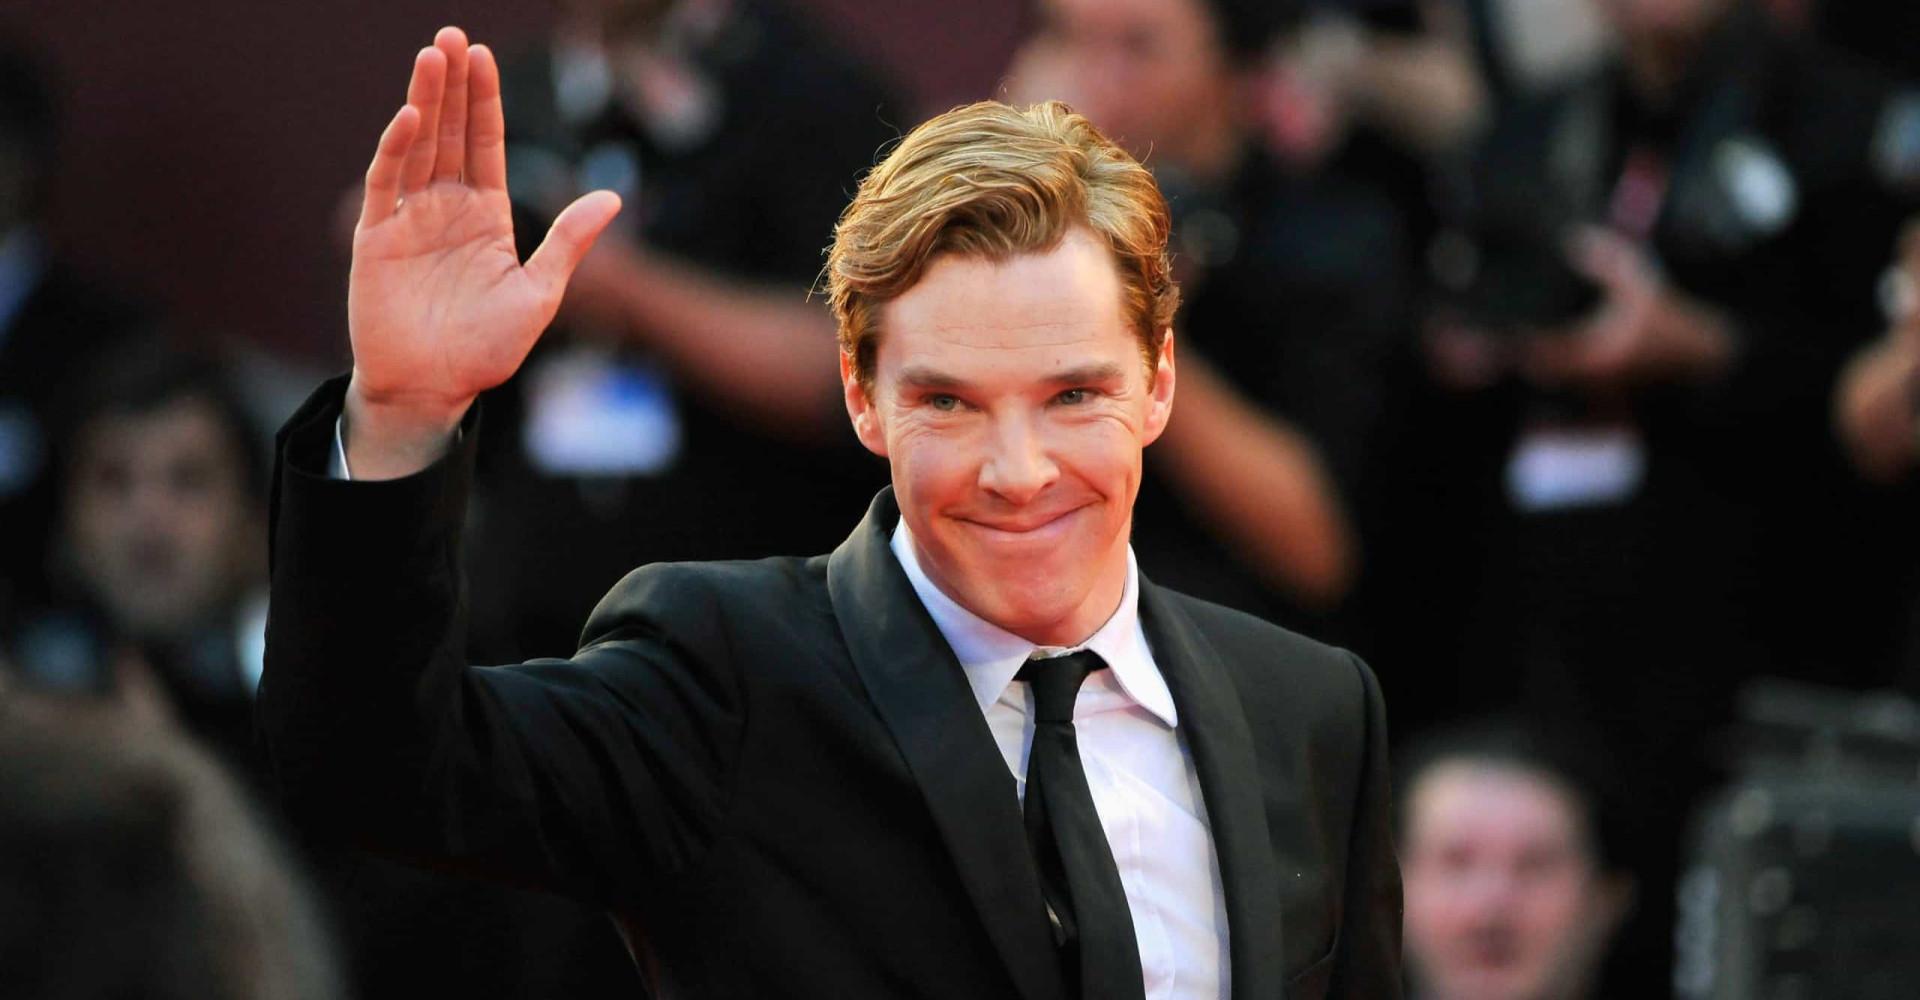 Dette vidste du nok ikke om Benedict Cumberbatch